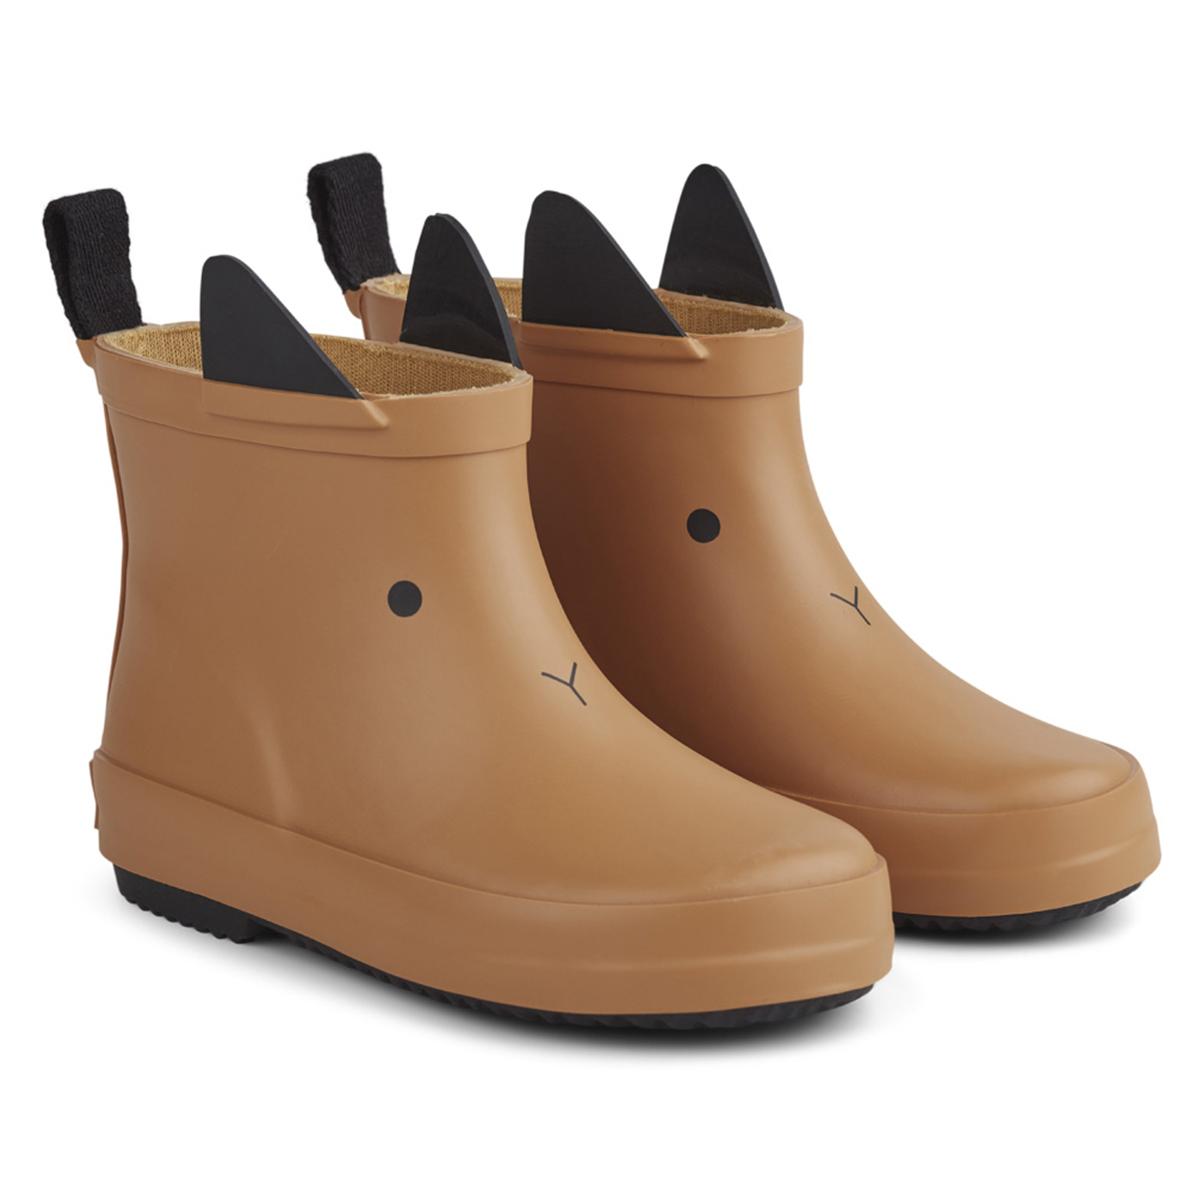 Chaussons & Chaussures Bottes de Pluie Tobi Rabbit Mustard - 24